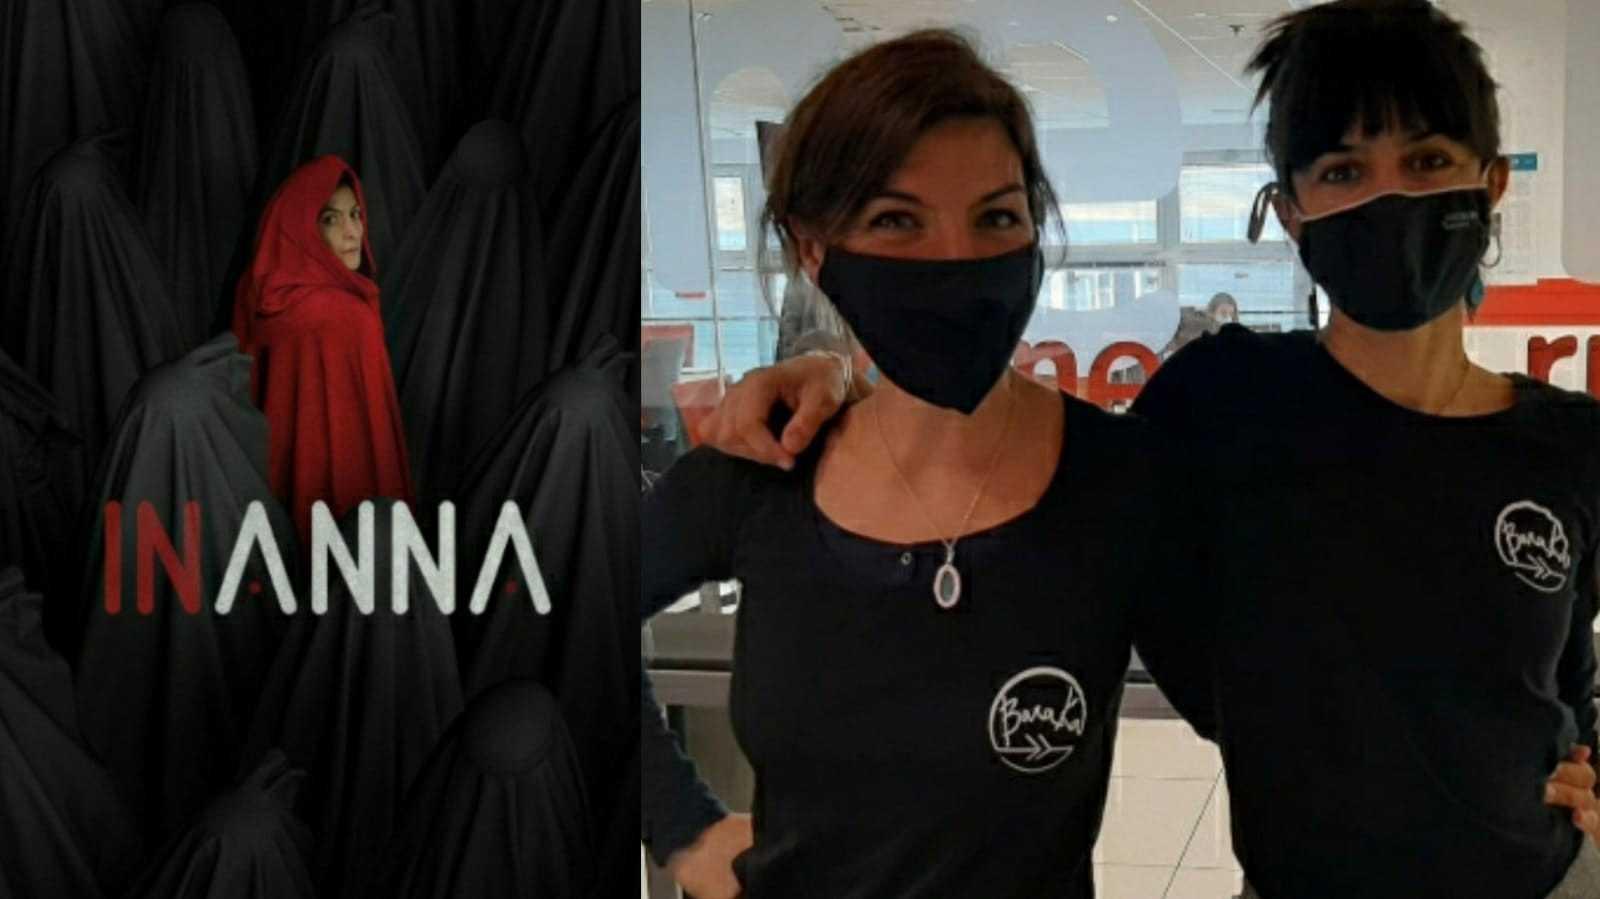 La sala - 'InAnna', de Baraka Teatro: María Caudevilla y Sara Campbell - 03/03/21 - Escuchar ahora